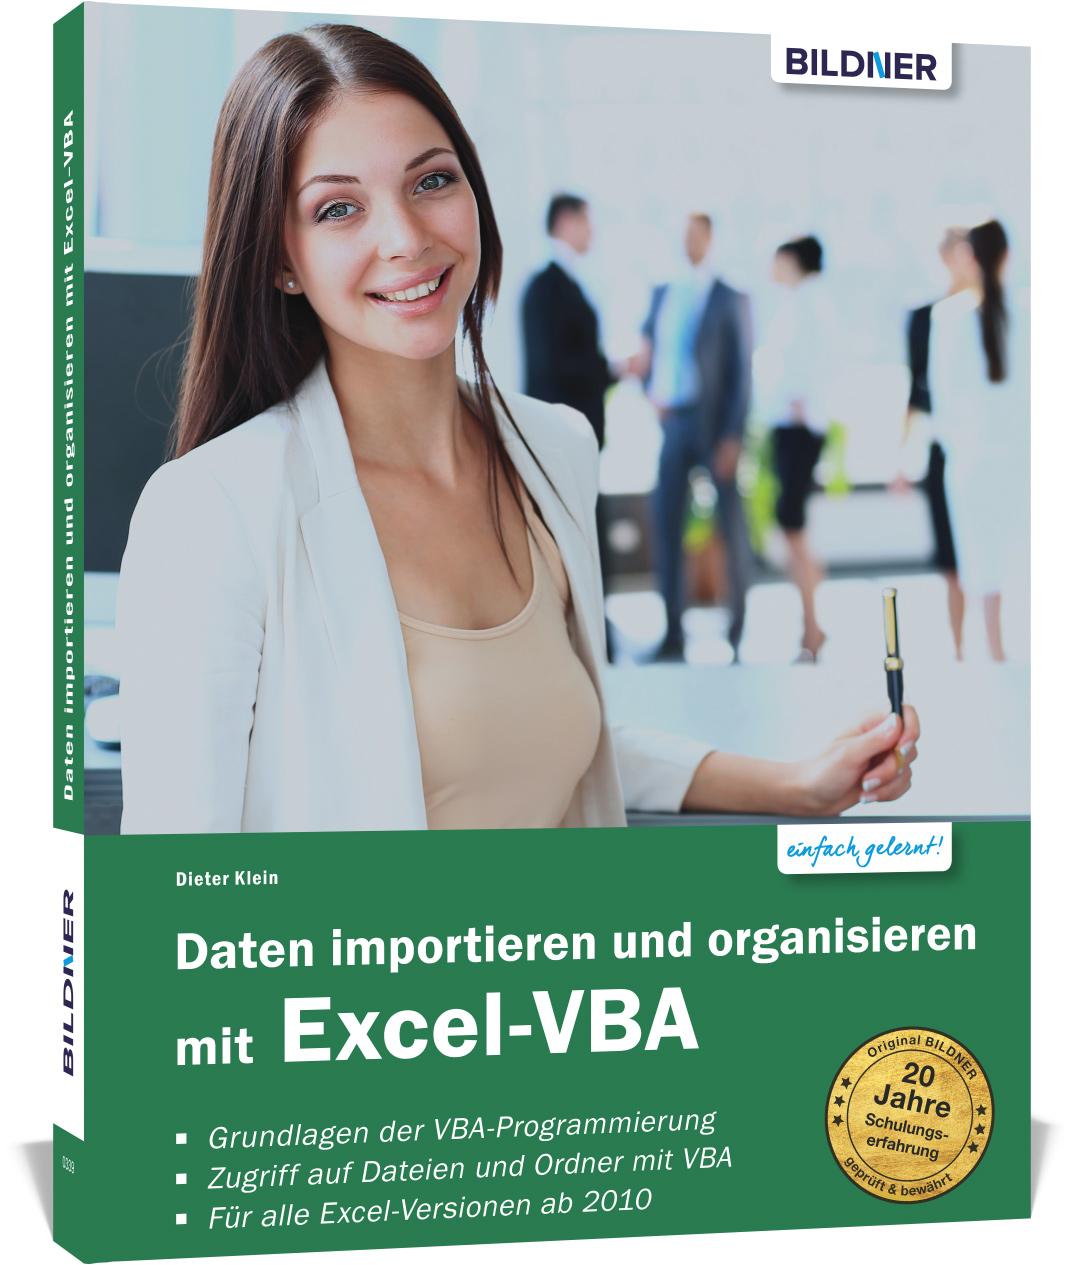 Dieter-Klein-Daten-importieren-und-organisieren-mit-Excel-VBA9783832803186